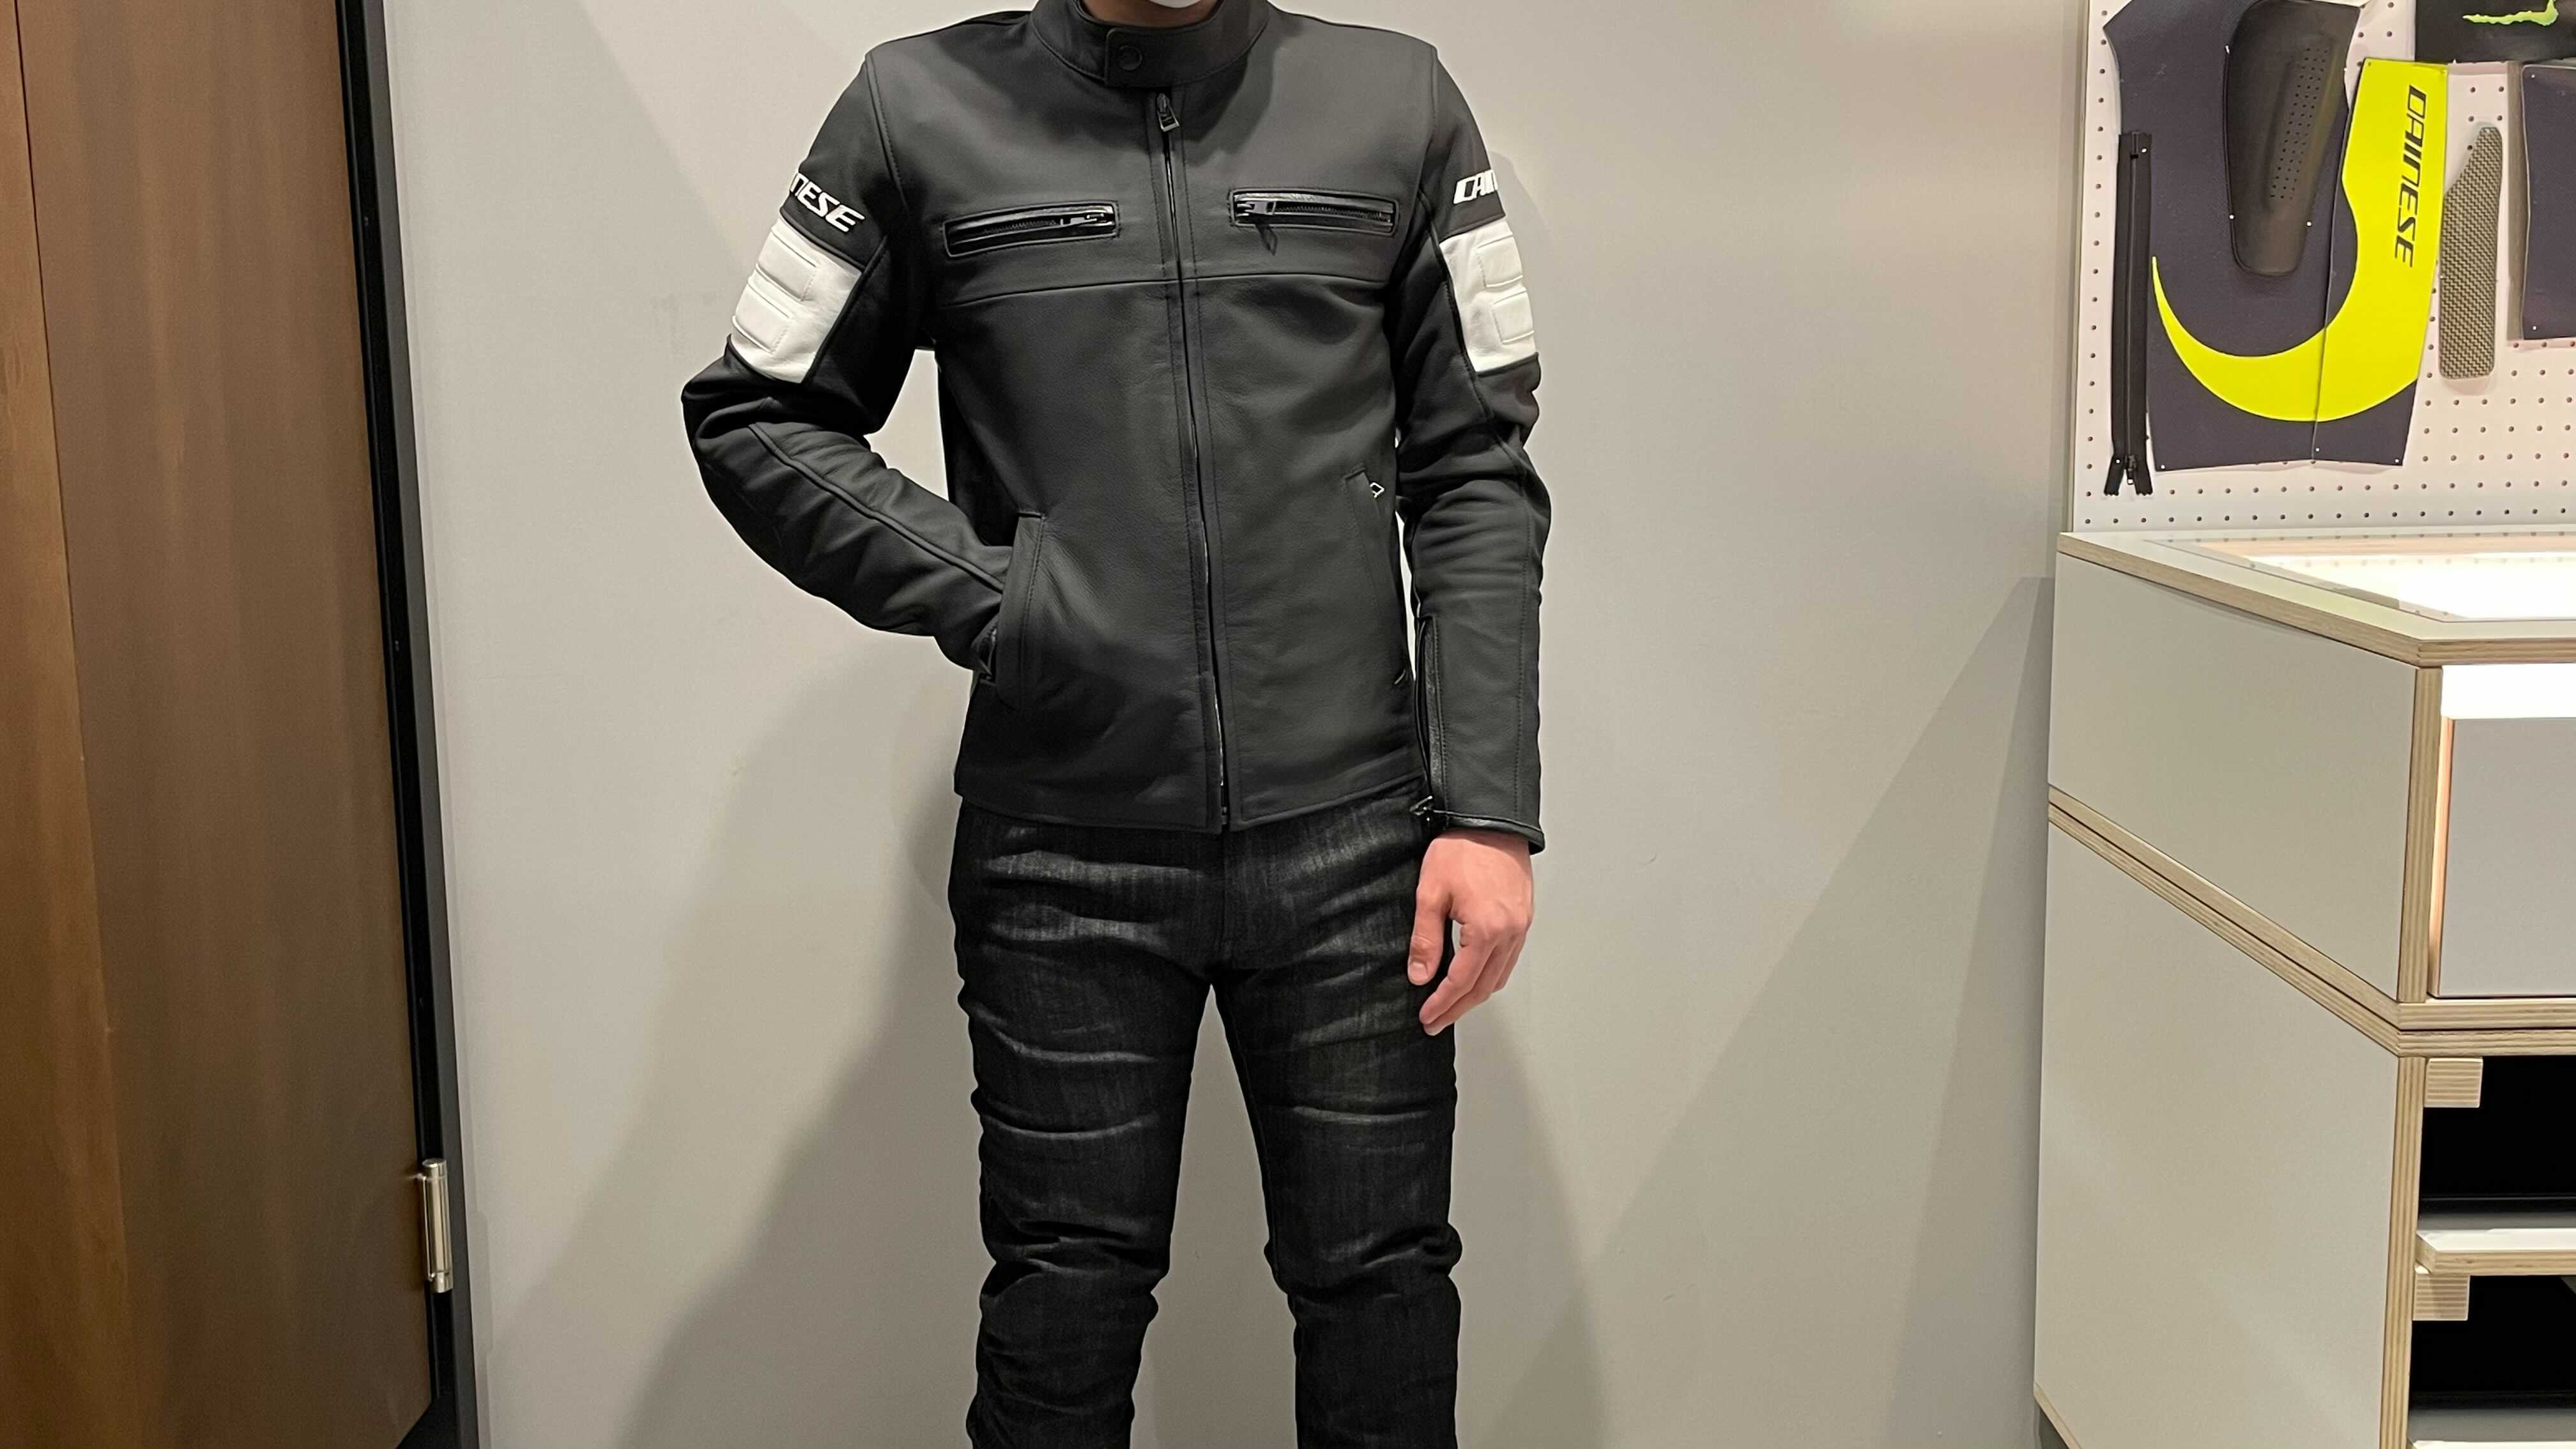 普段使いにも最適なアーバンスタイルジャケット【SAN DIEGO LEATHER JACKET】